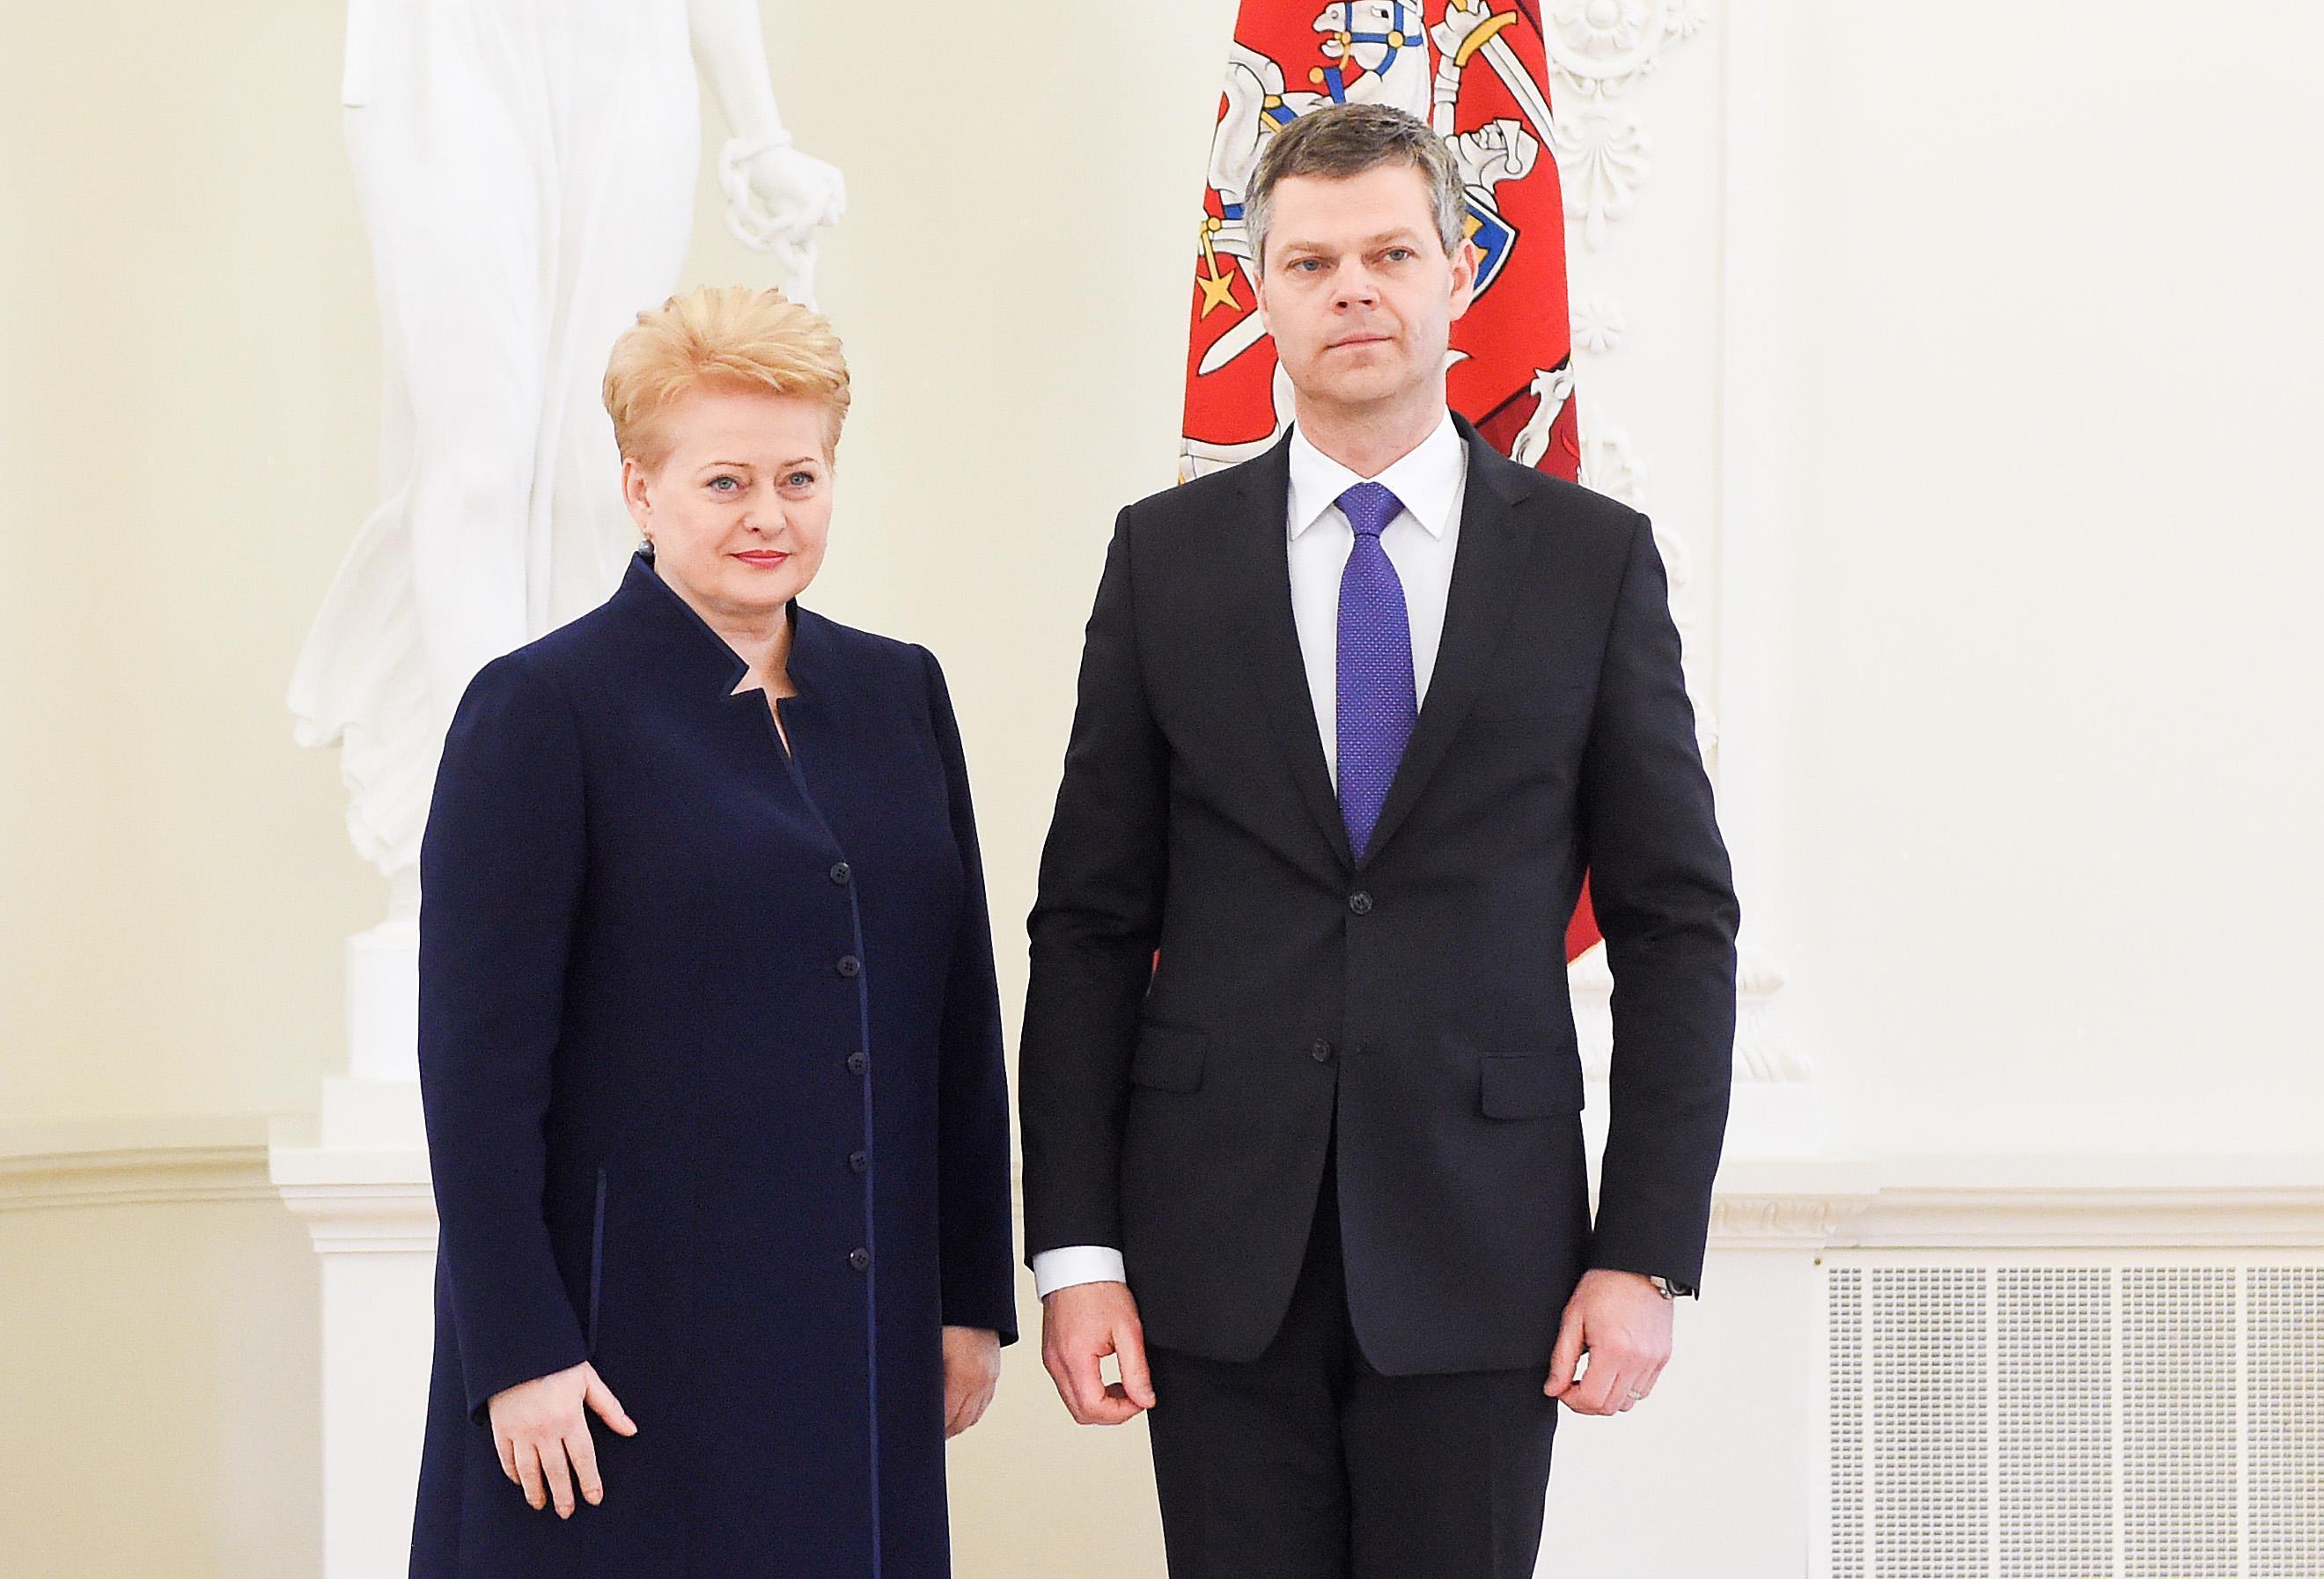 Литва закрыла заезд для 44 граждан России, фамилии которых неоглашаются